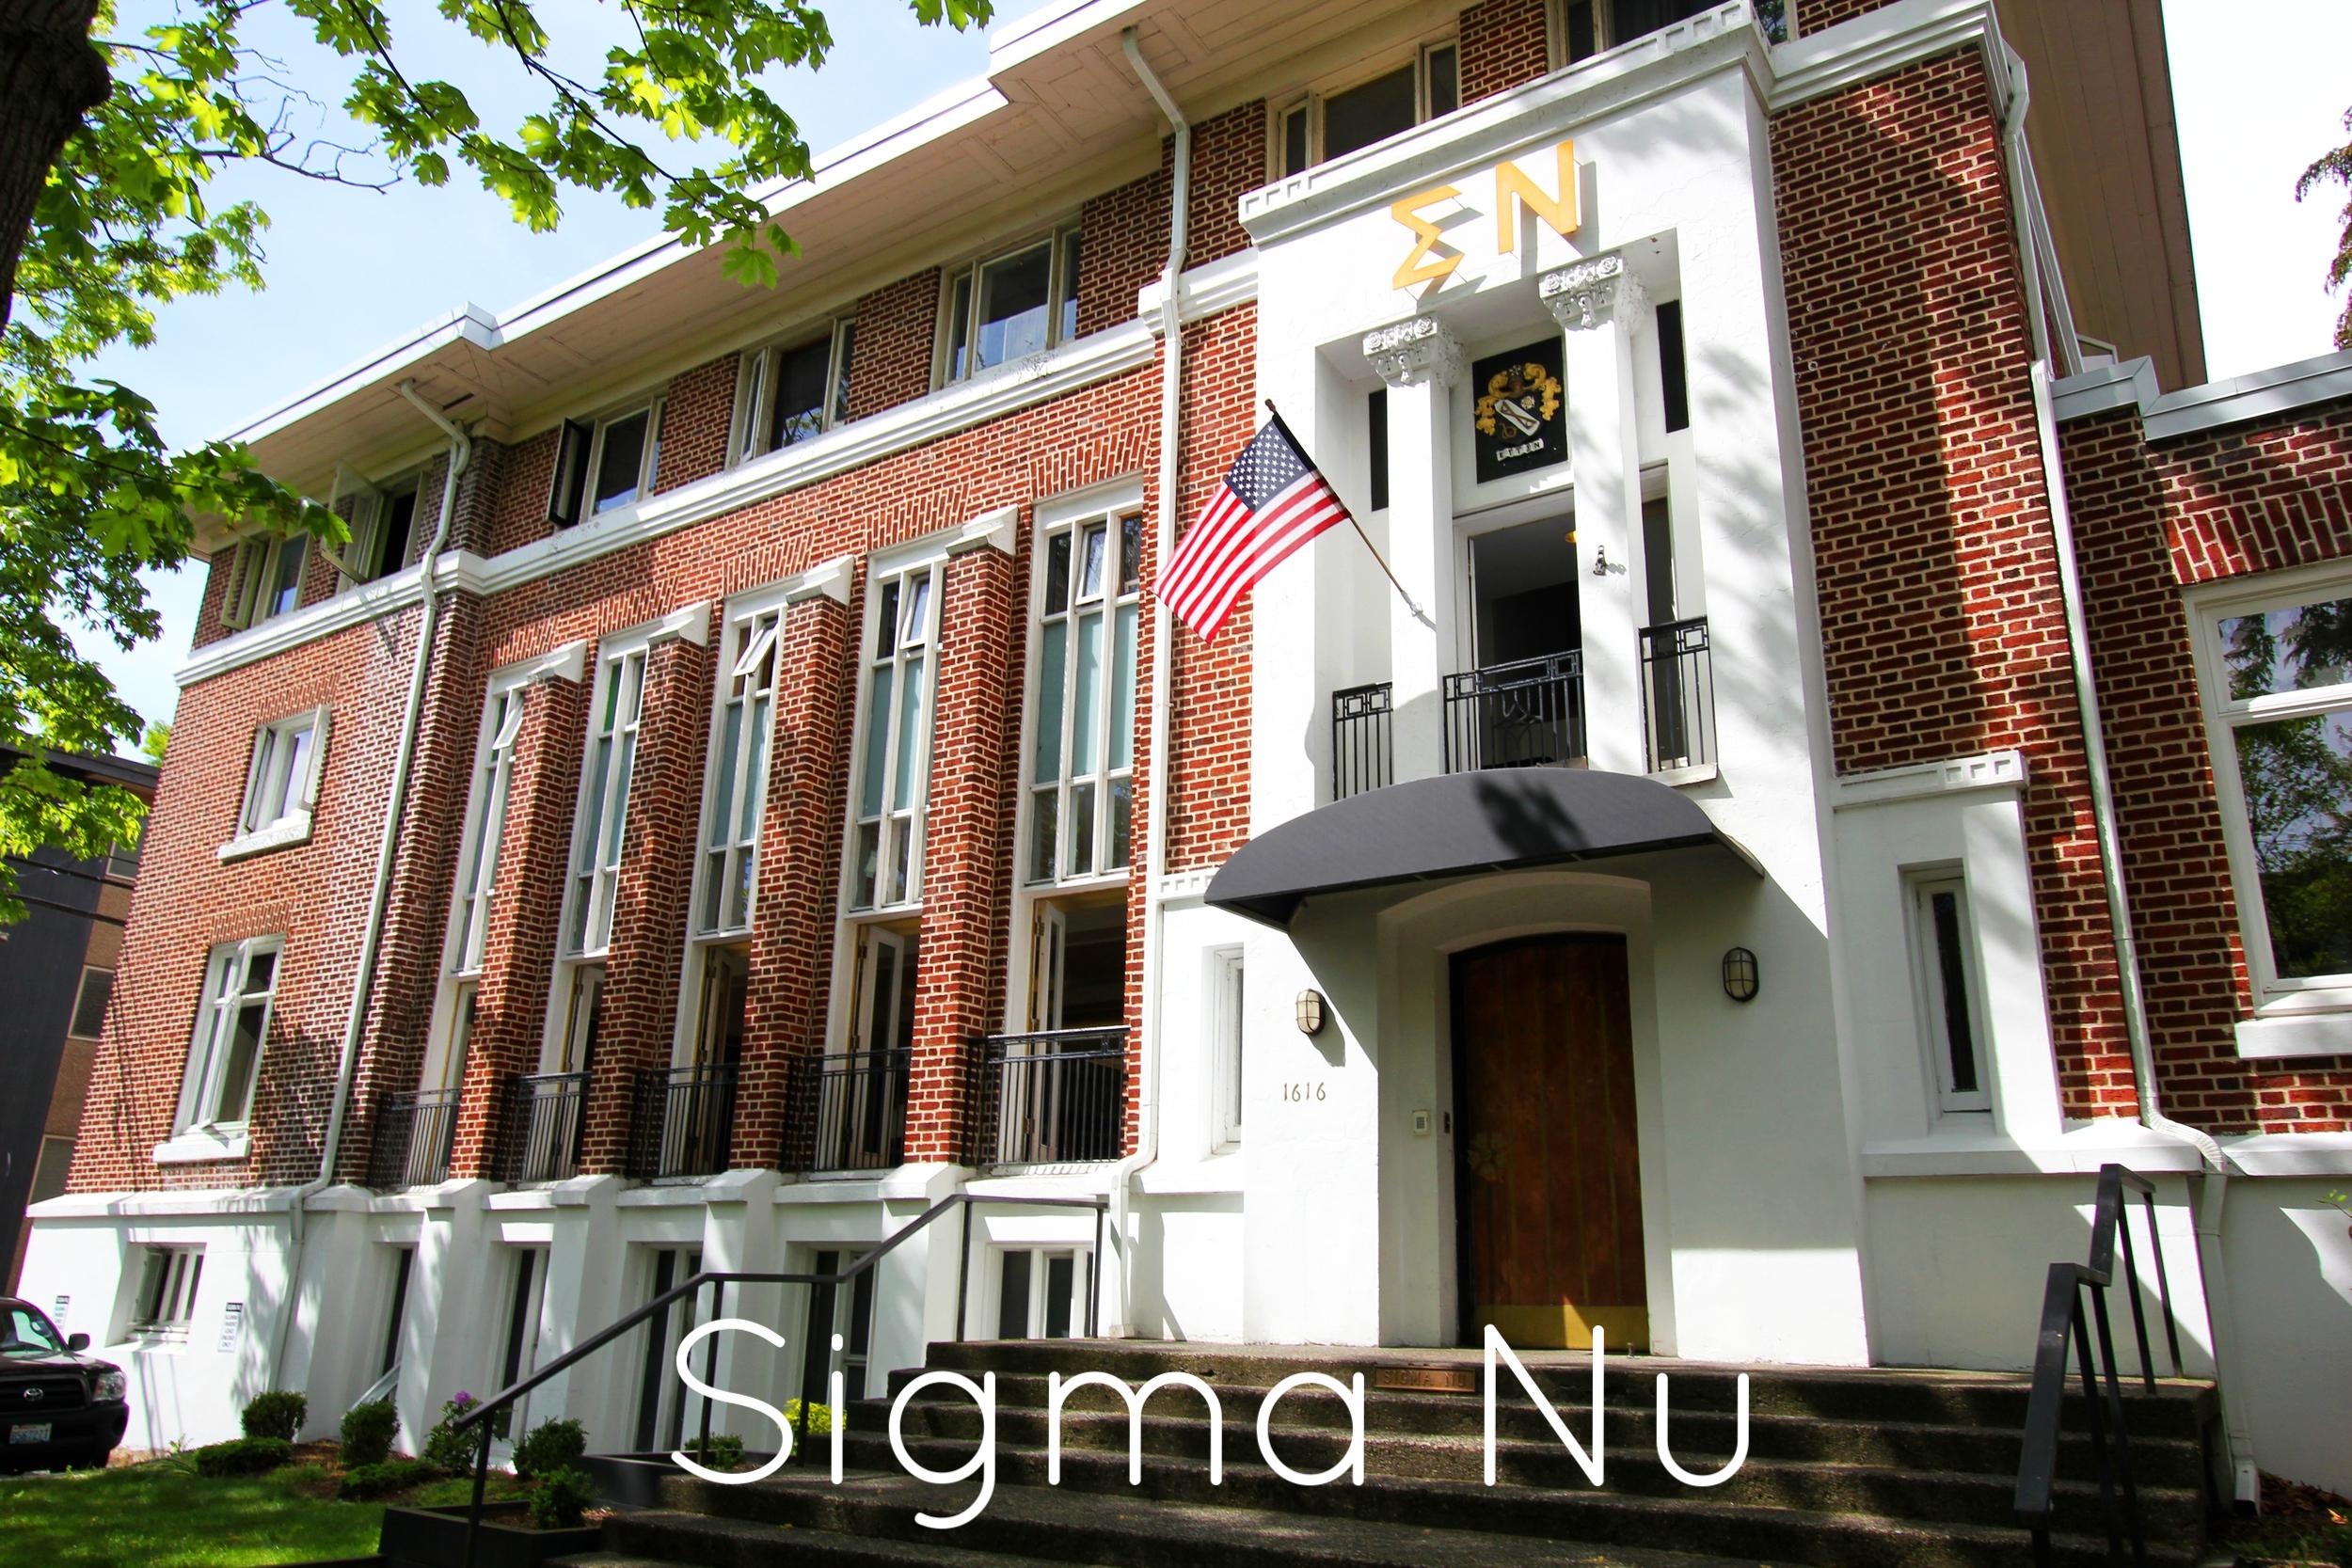 Sigma Nu